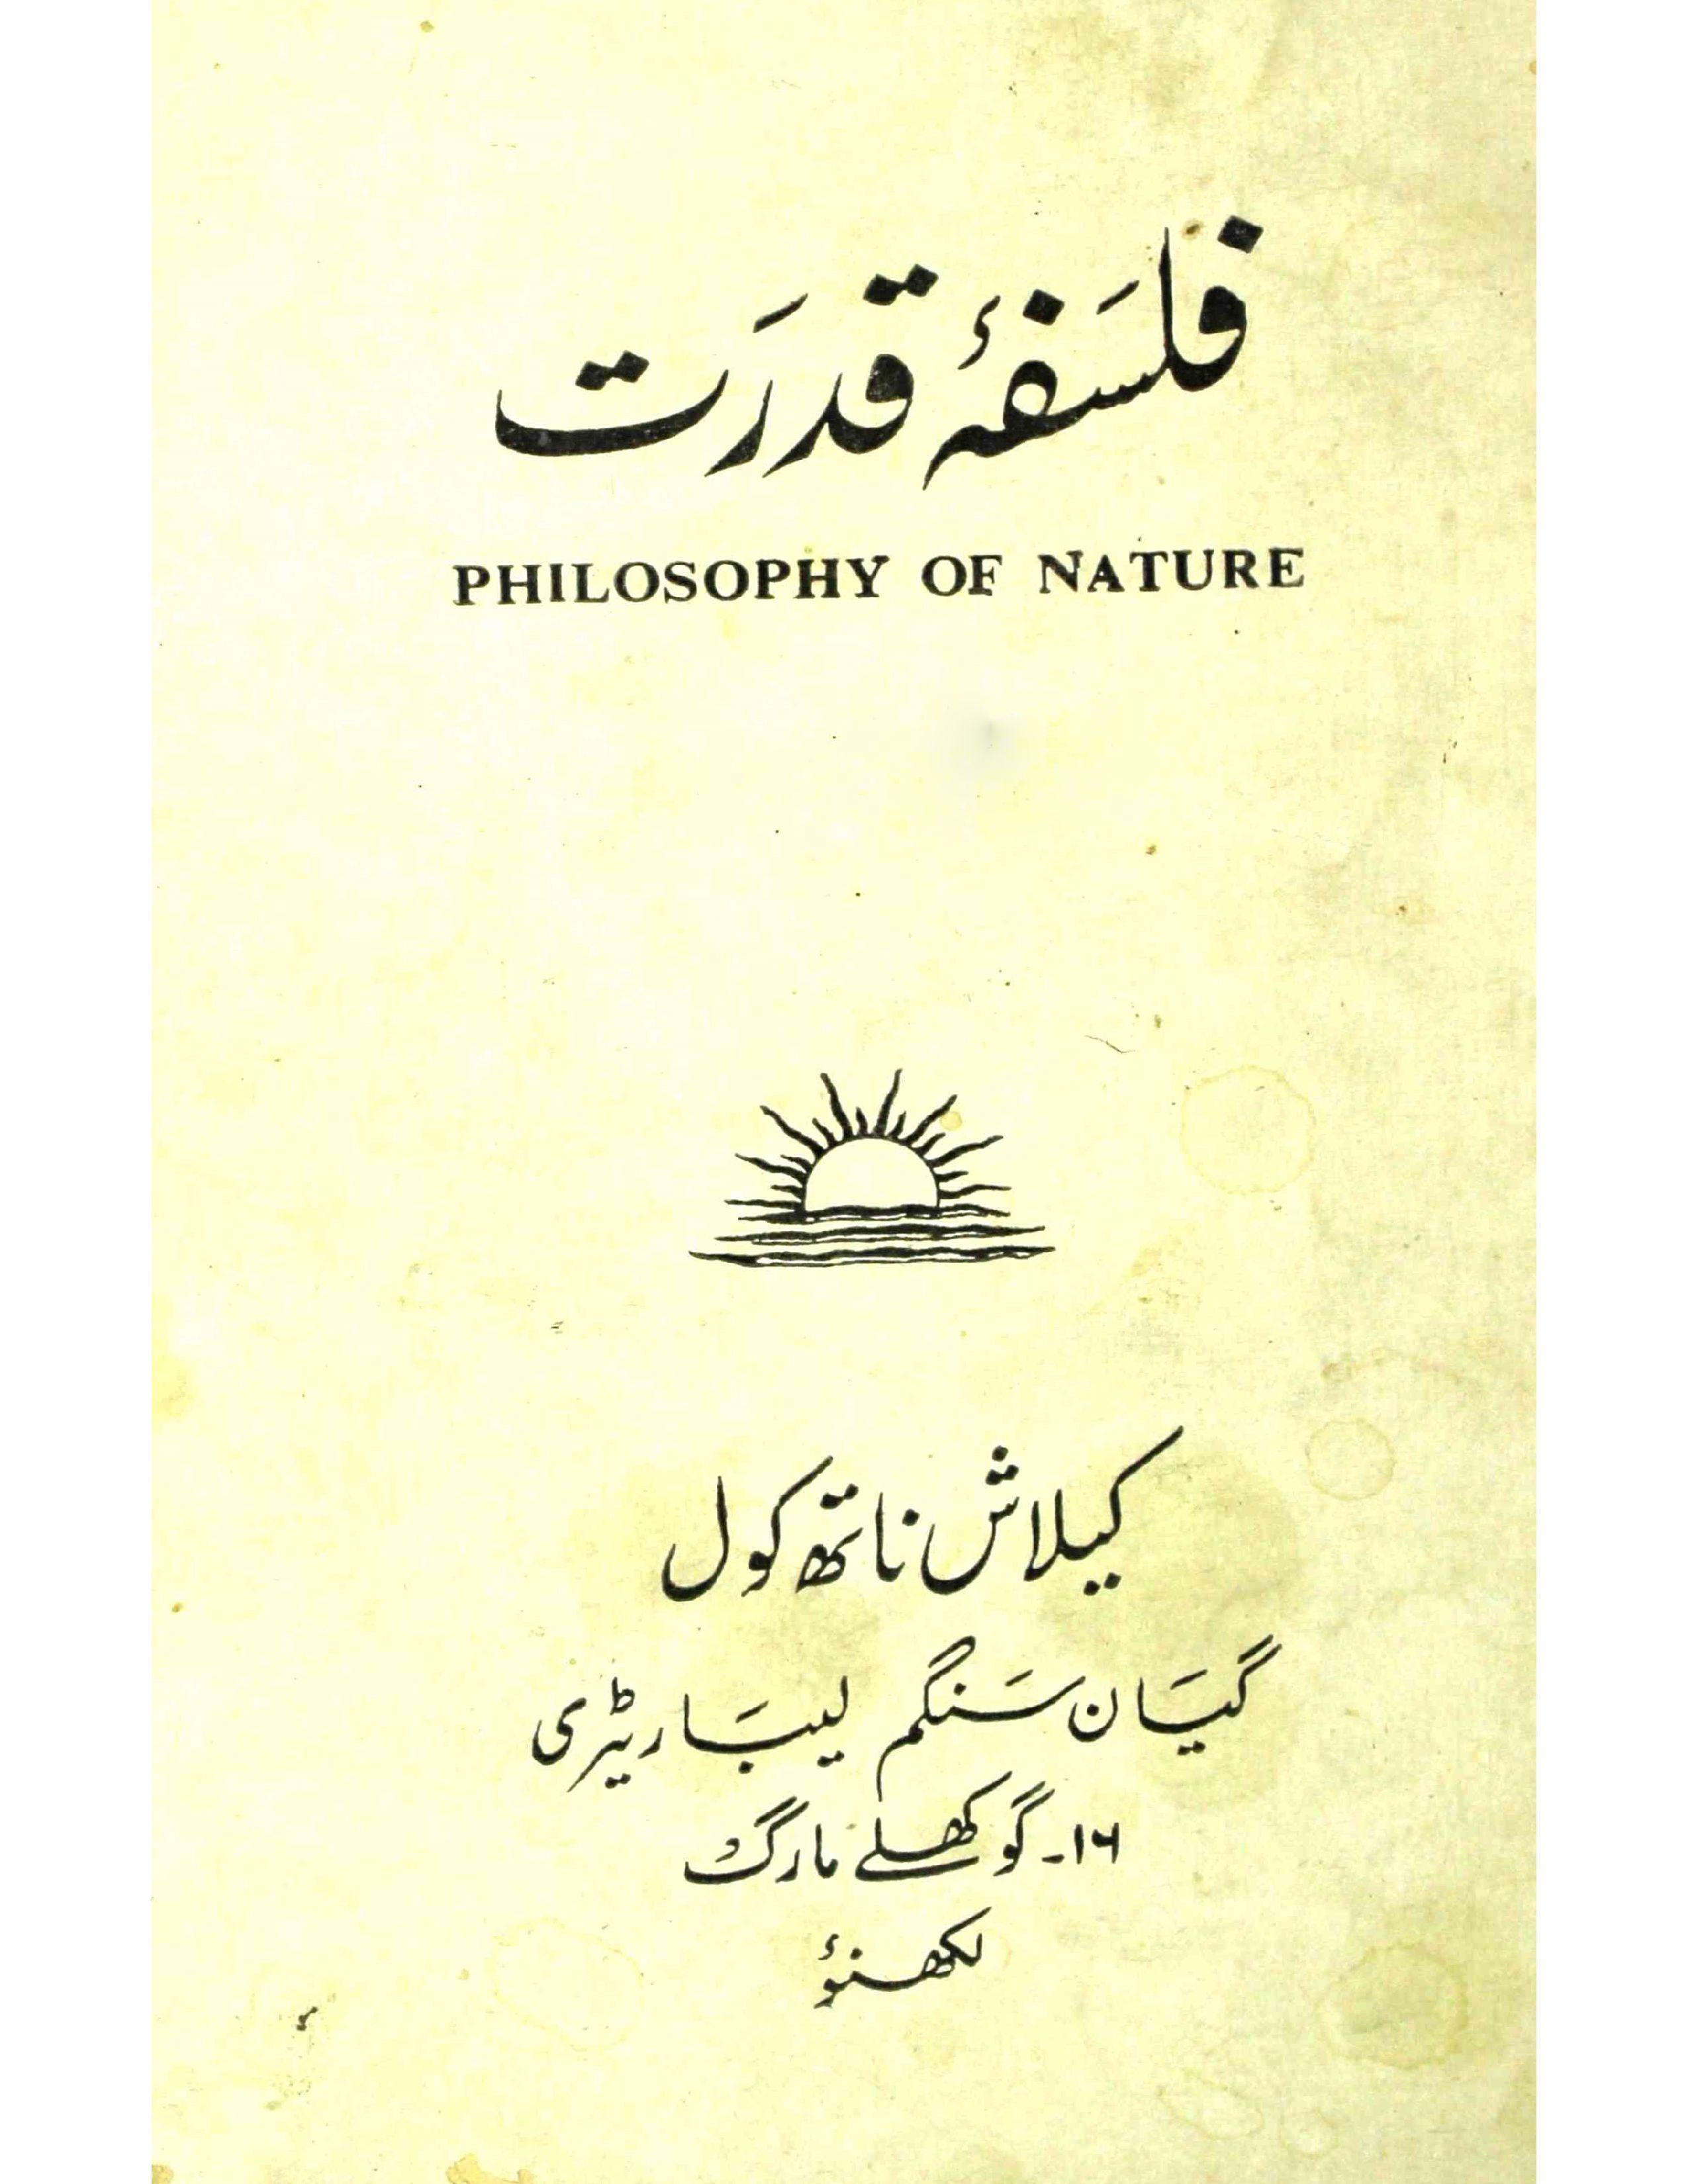 Falsafa-e-Qudrat